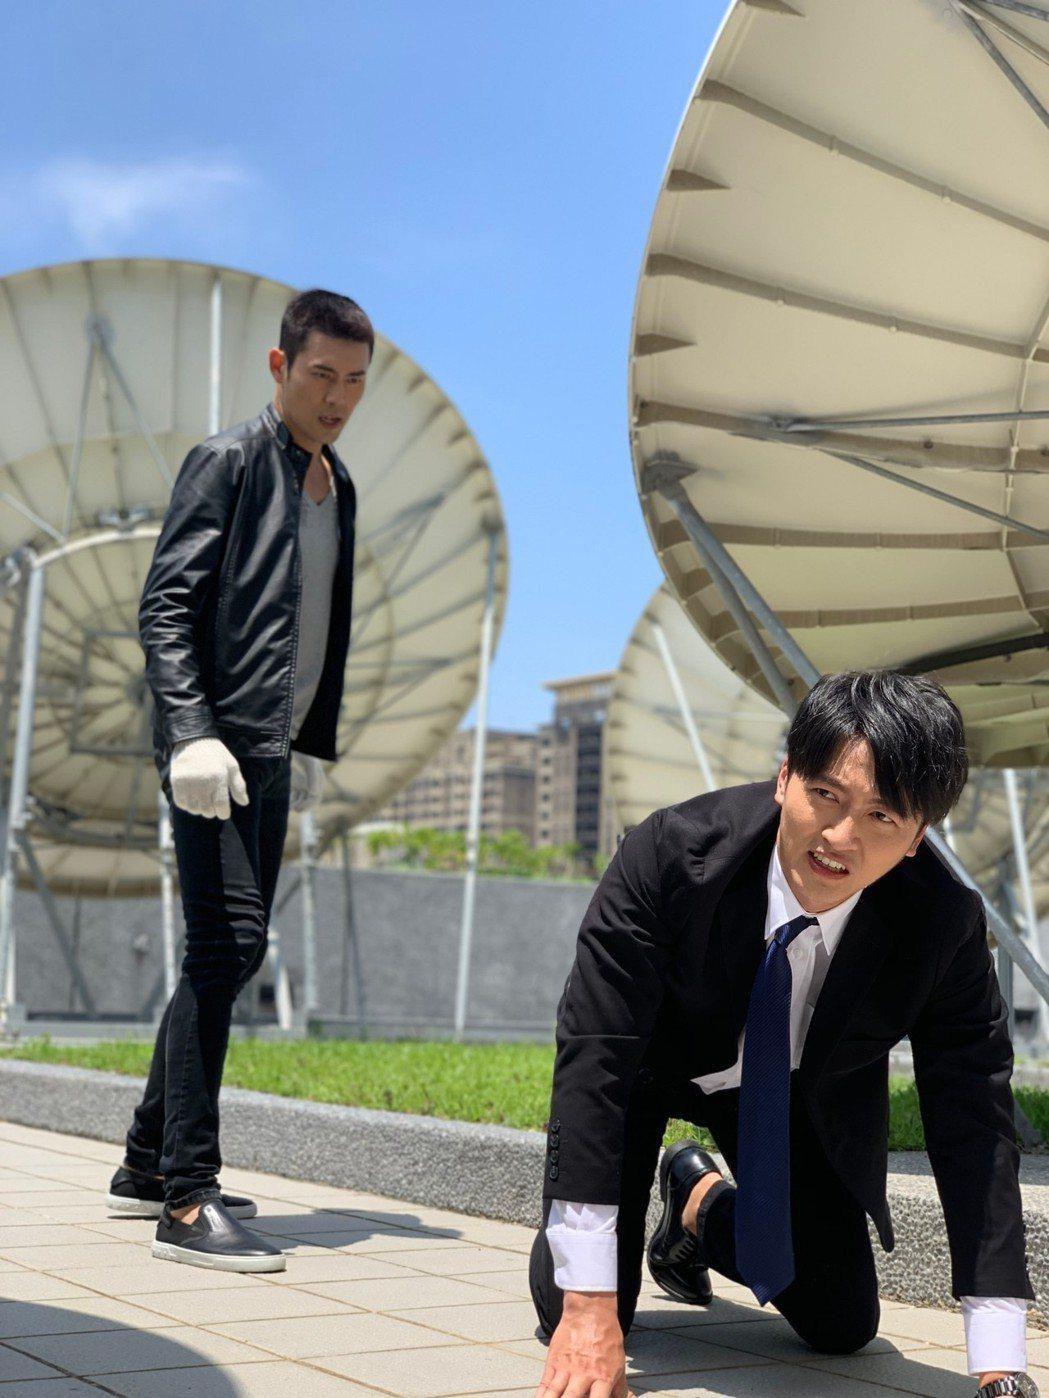 余秉諺跟馬俊麟(右)在天台爭執戲 出動吊車跟吊鋼絲團隊。 圖/民視提供